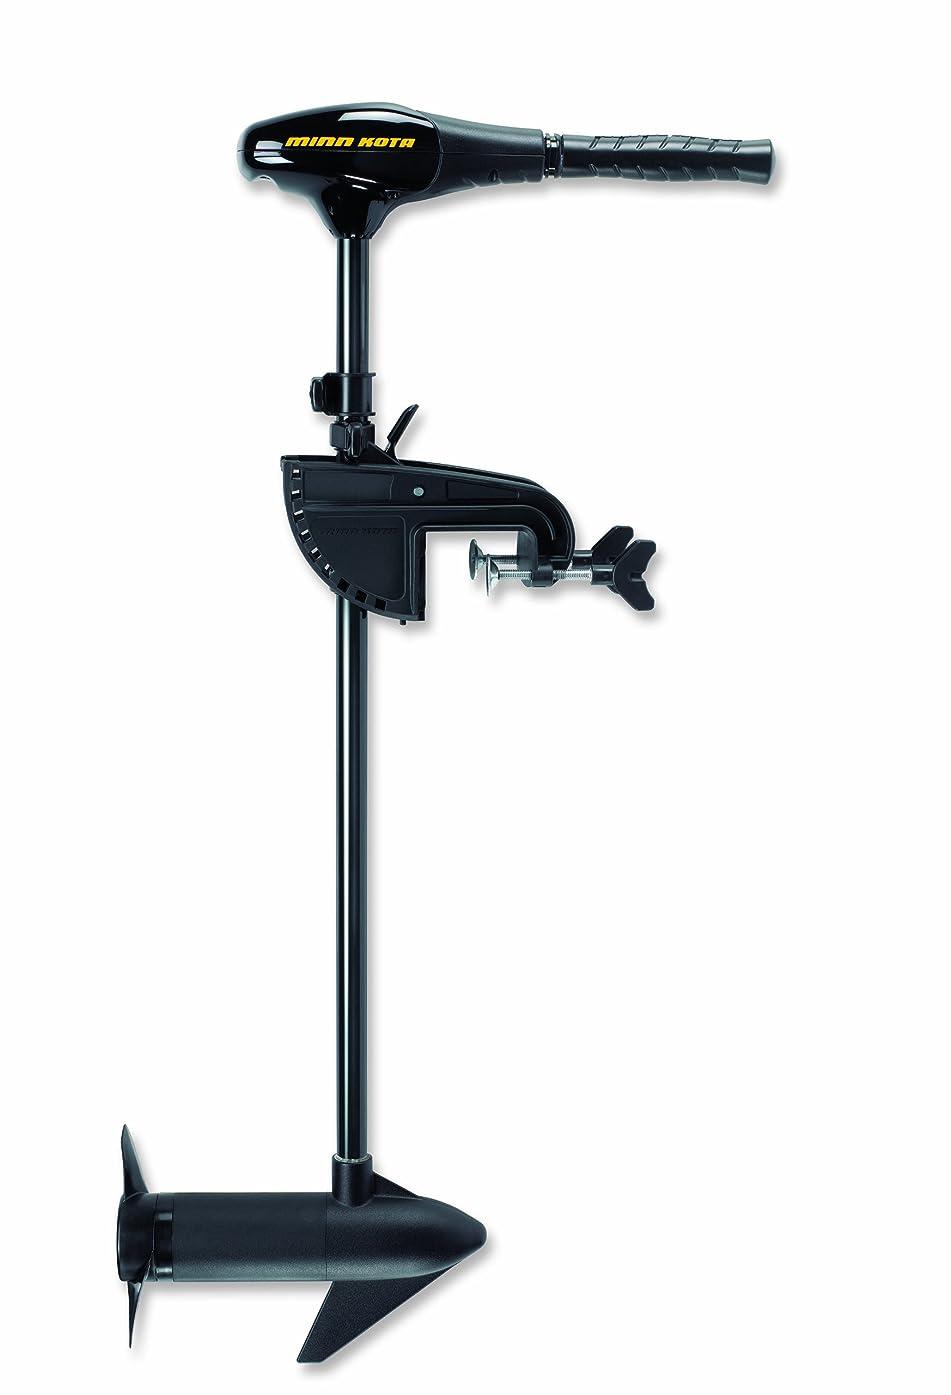 極地不合格障害【MINNKOTA/ミンコタ】EDGE 45 シャフト長36 minnkota-EDGE45-36 淡水モデル エレキモーター フットコントロール